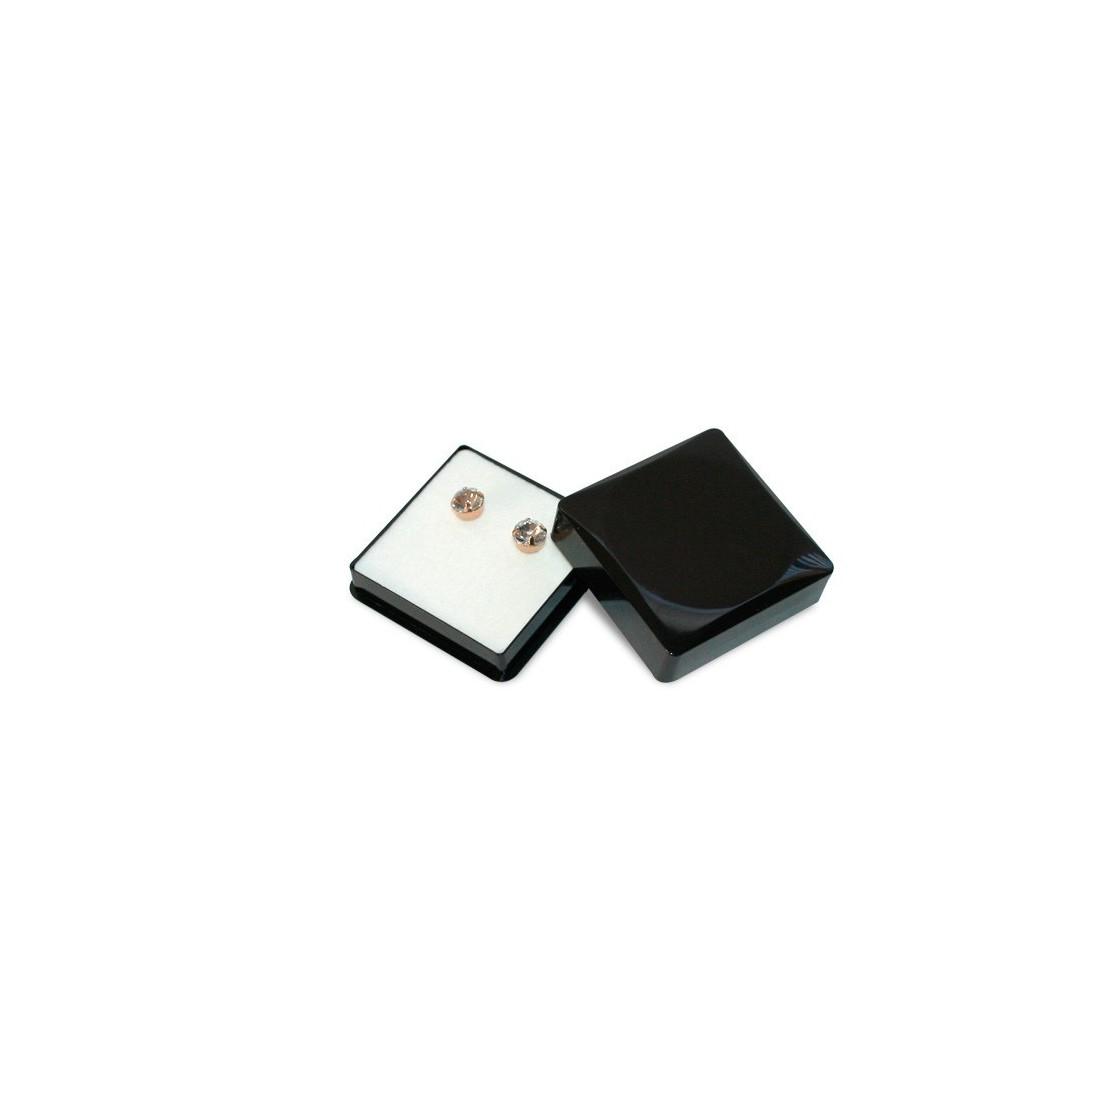 Europa Jewellery Box, Earrings